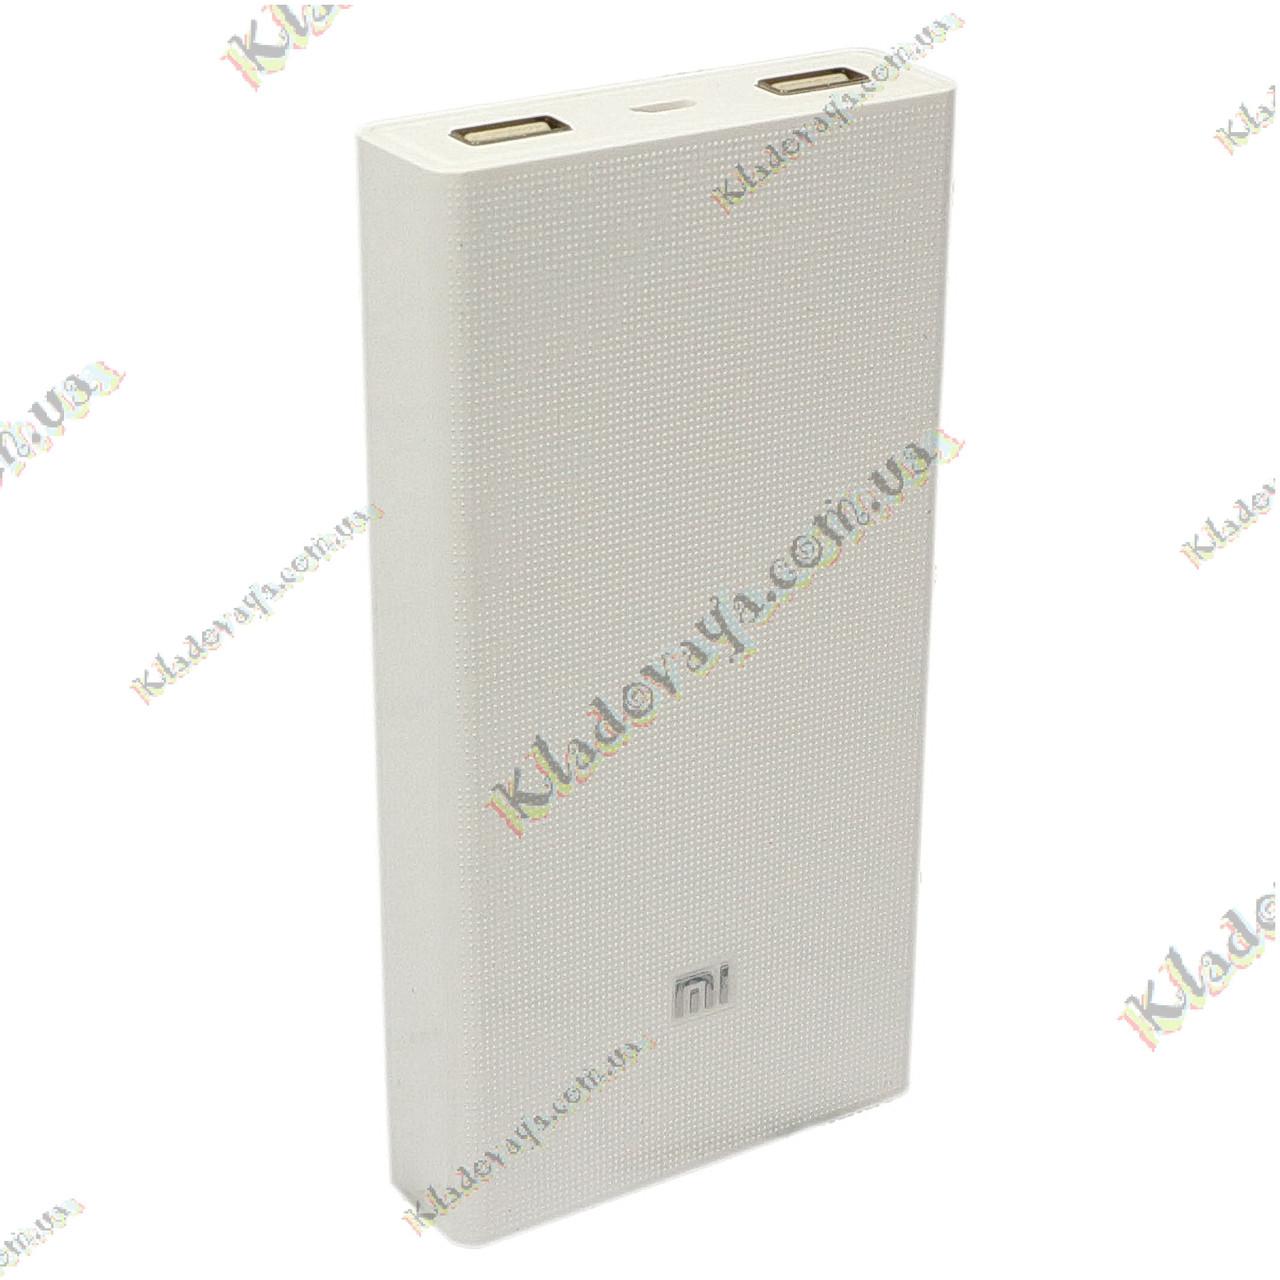 MI Power Bank  - портативная батарея 20 000mAh (Пауэрбанк), фото 1